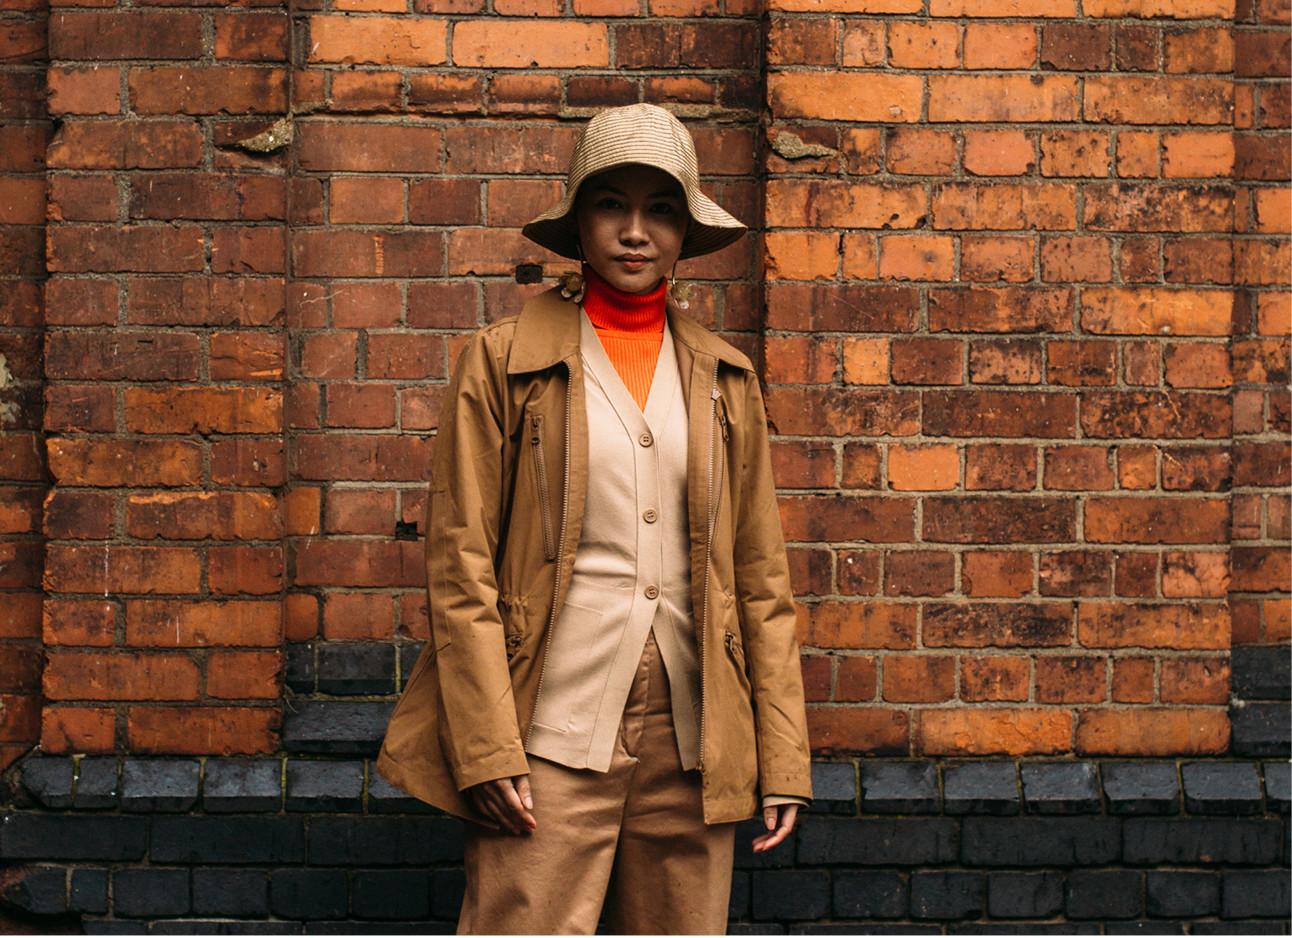 streetstyle beeld. Vrouw met een oranje coltrui aan, bruinen broek, jas, shirt en een buckethat op